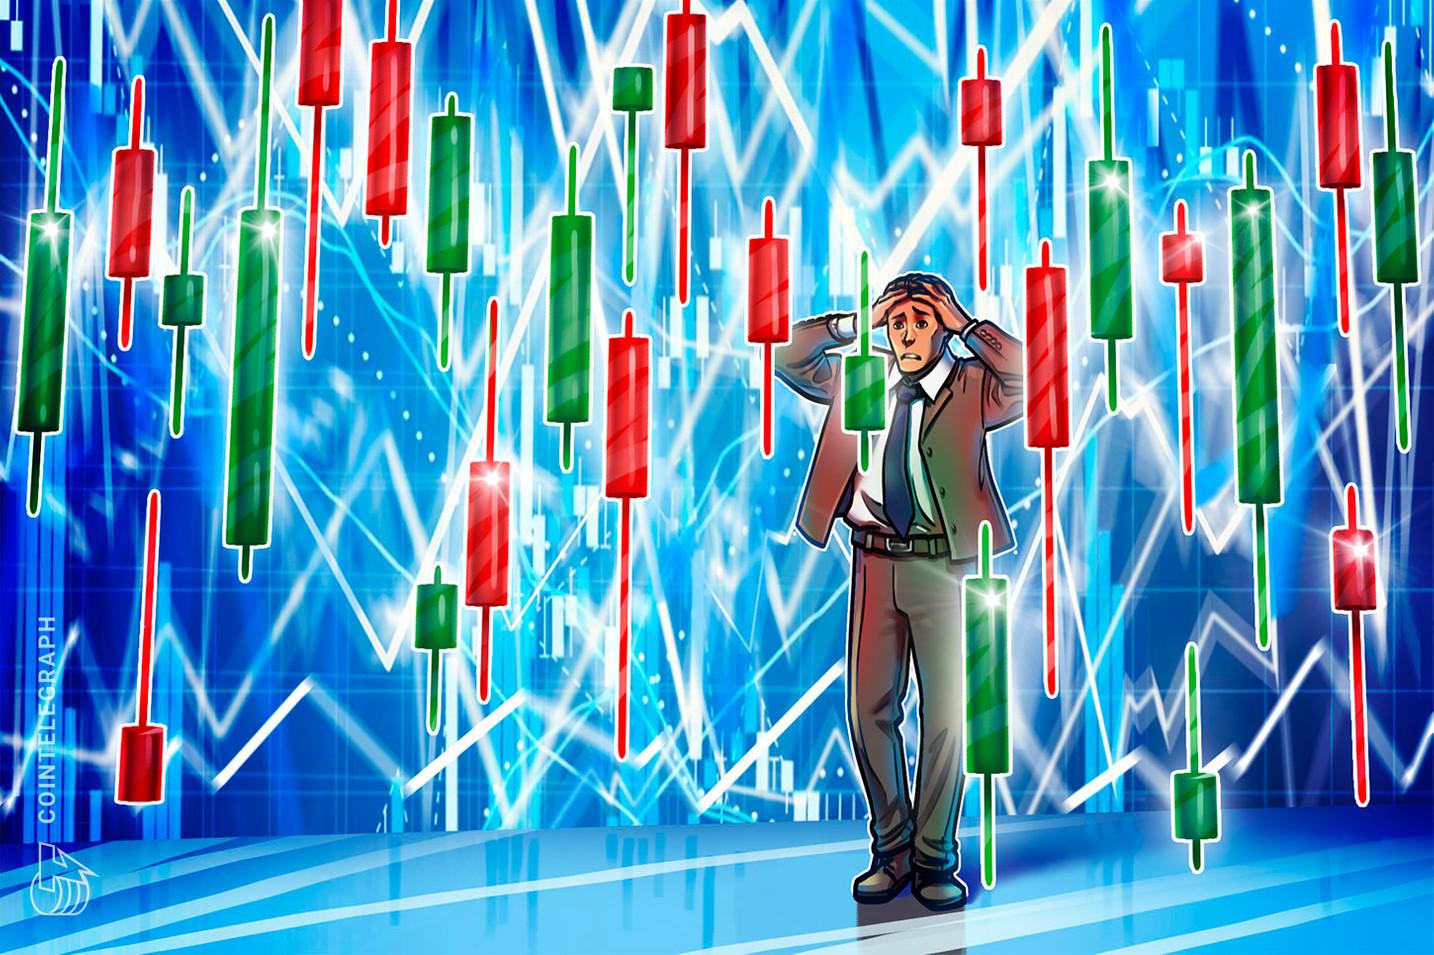 El mayor reto para los exchanges de criptomonedas es la fragmentación global de los precios